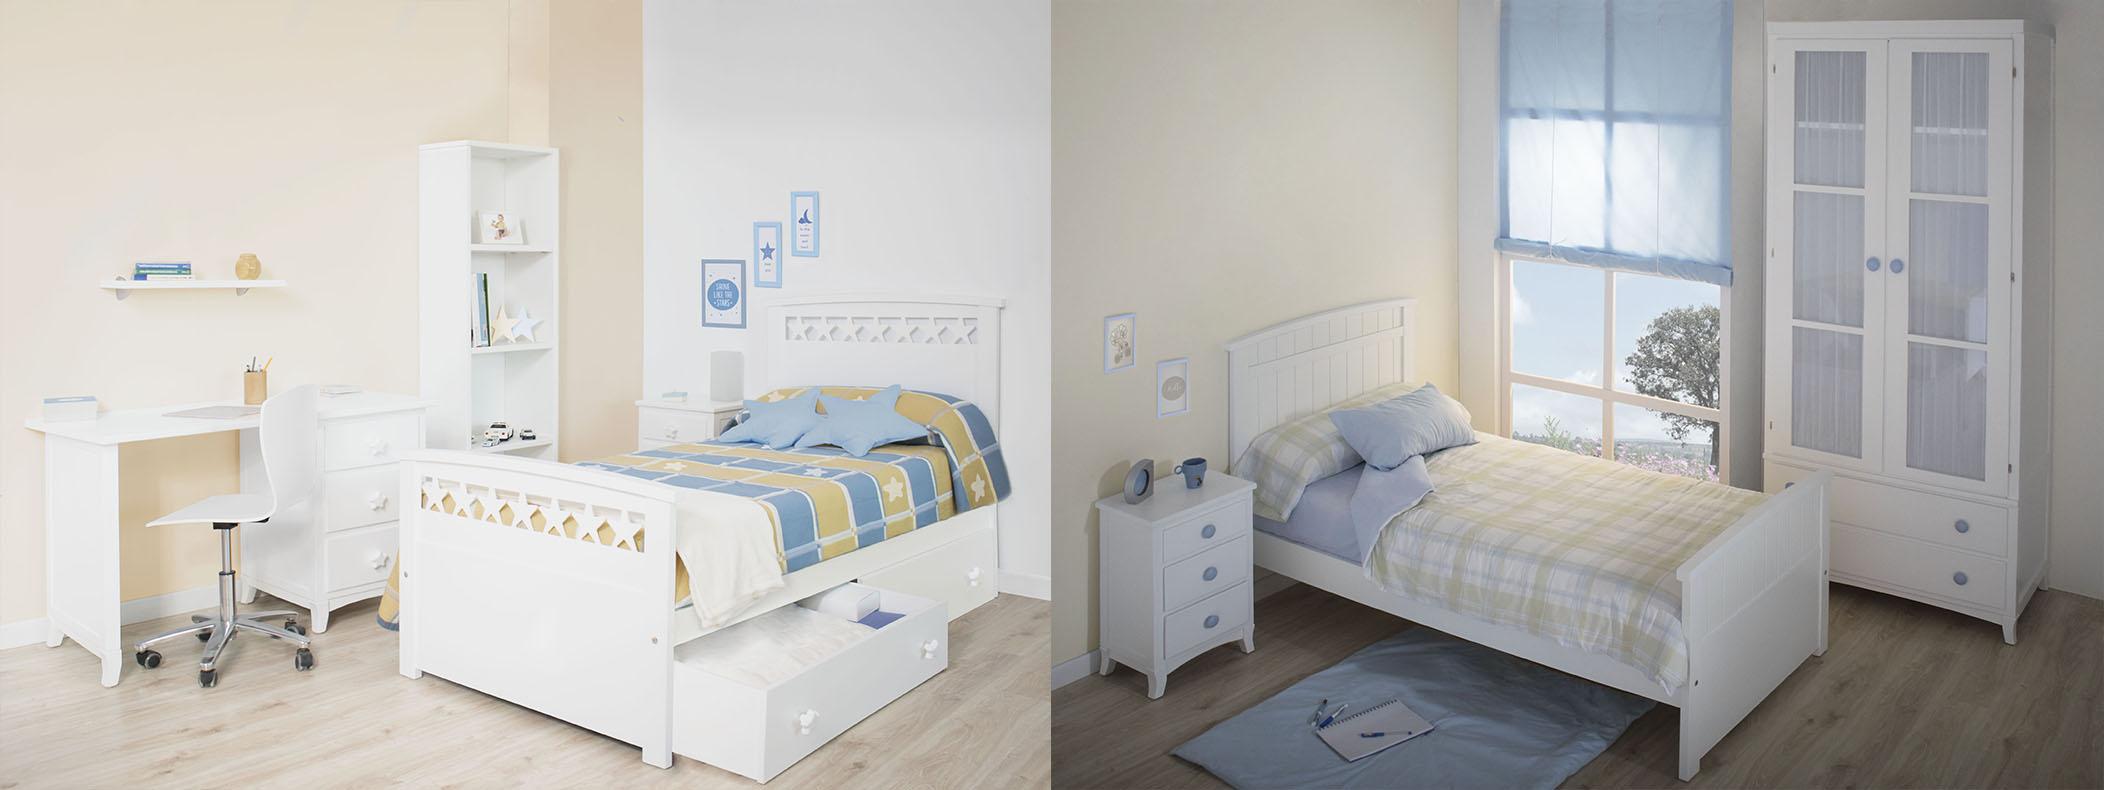 Cama infantil Nido Estrellas y cama curvo